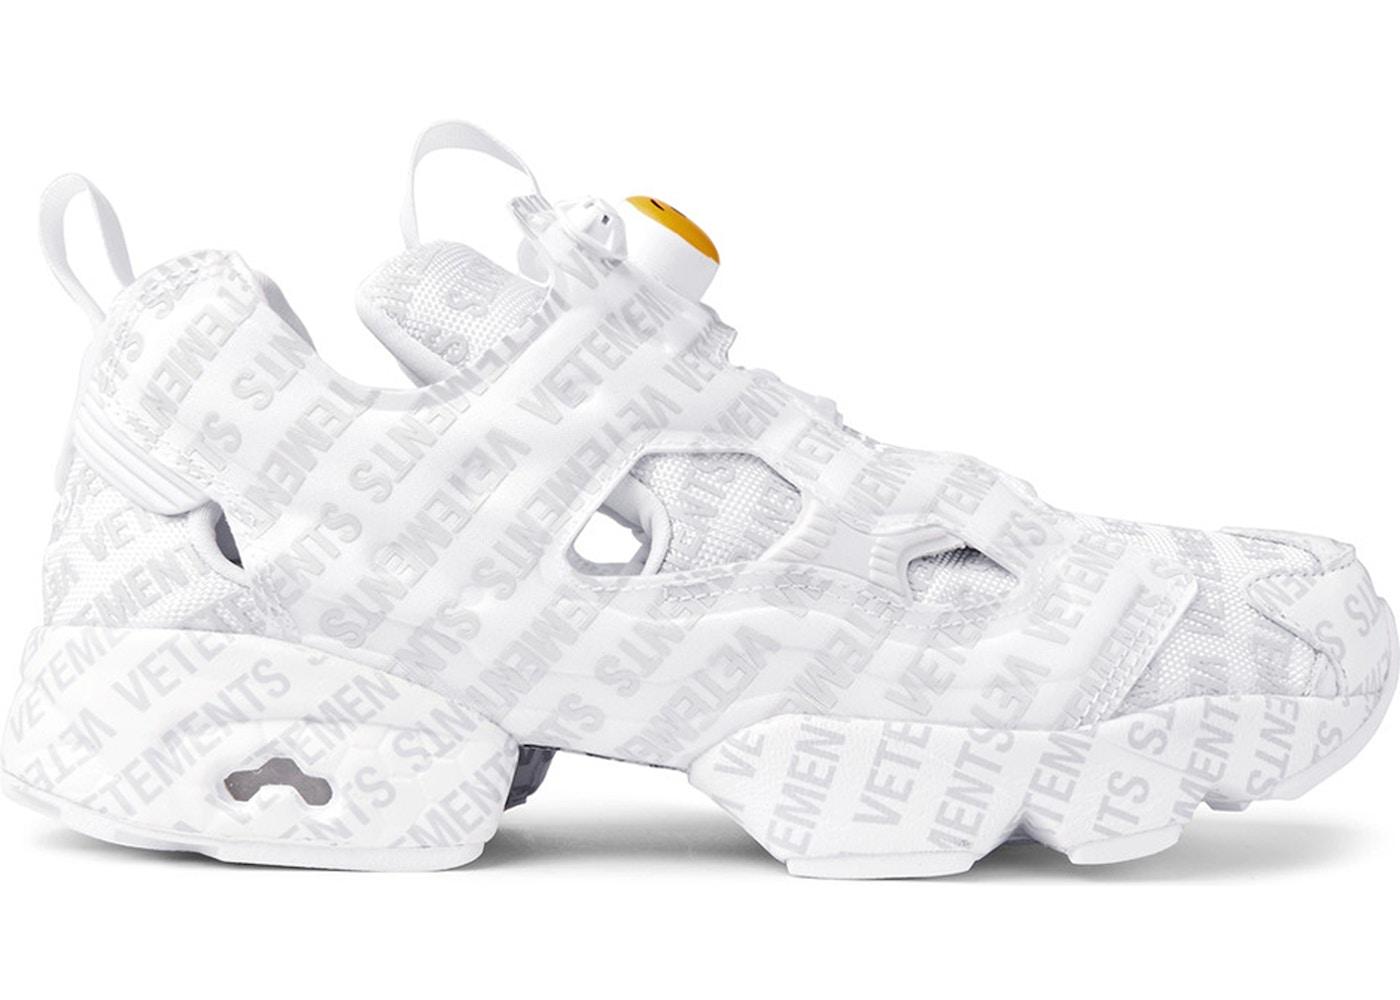 X Reebok Emoji Instapump Fury Sneakers VETEMENTS 8c9A6N